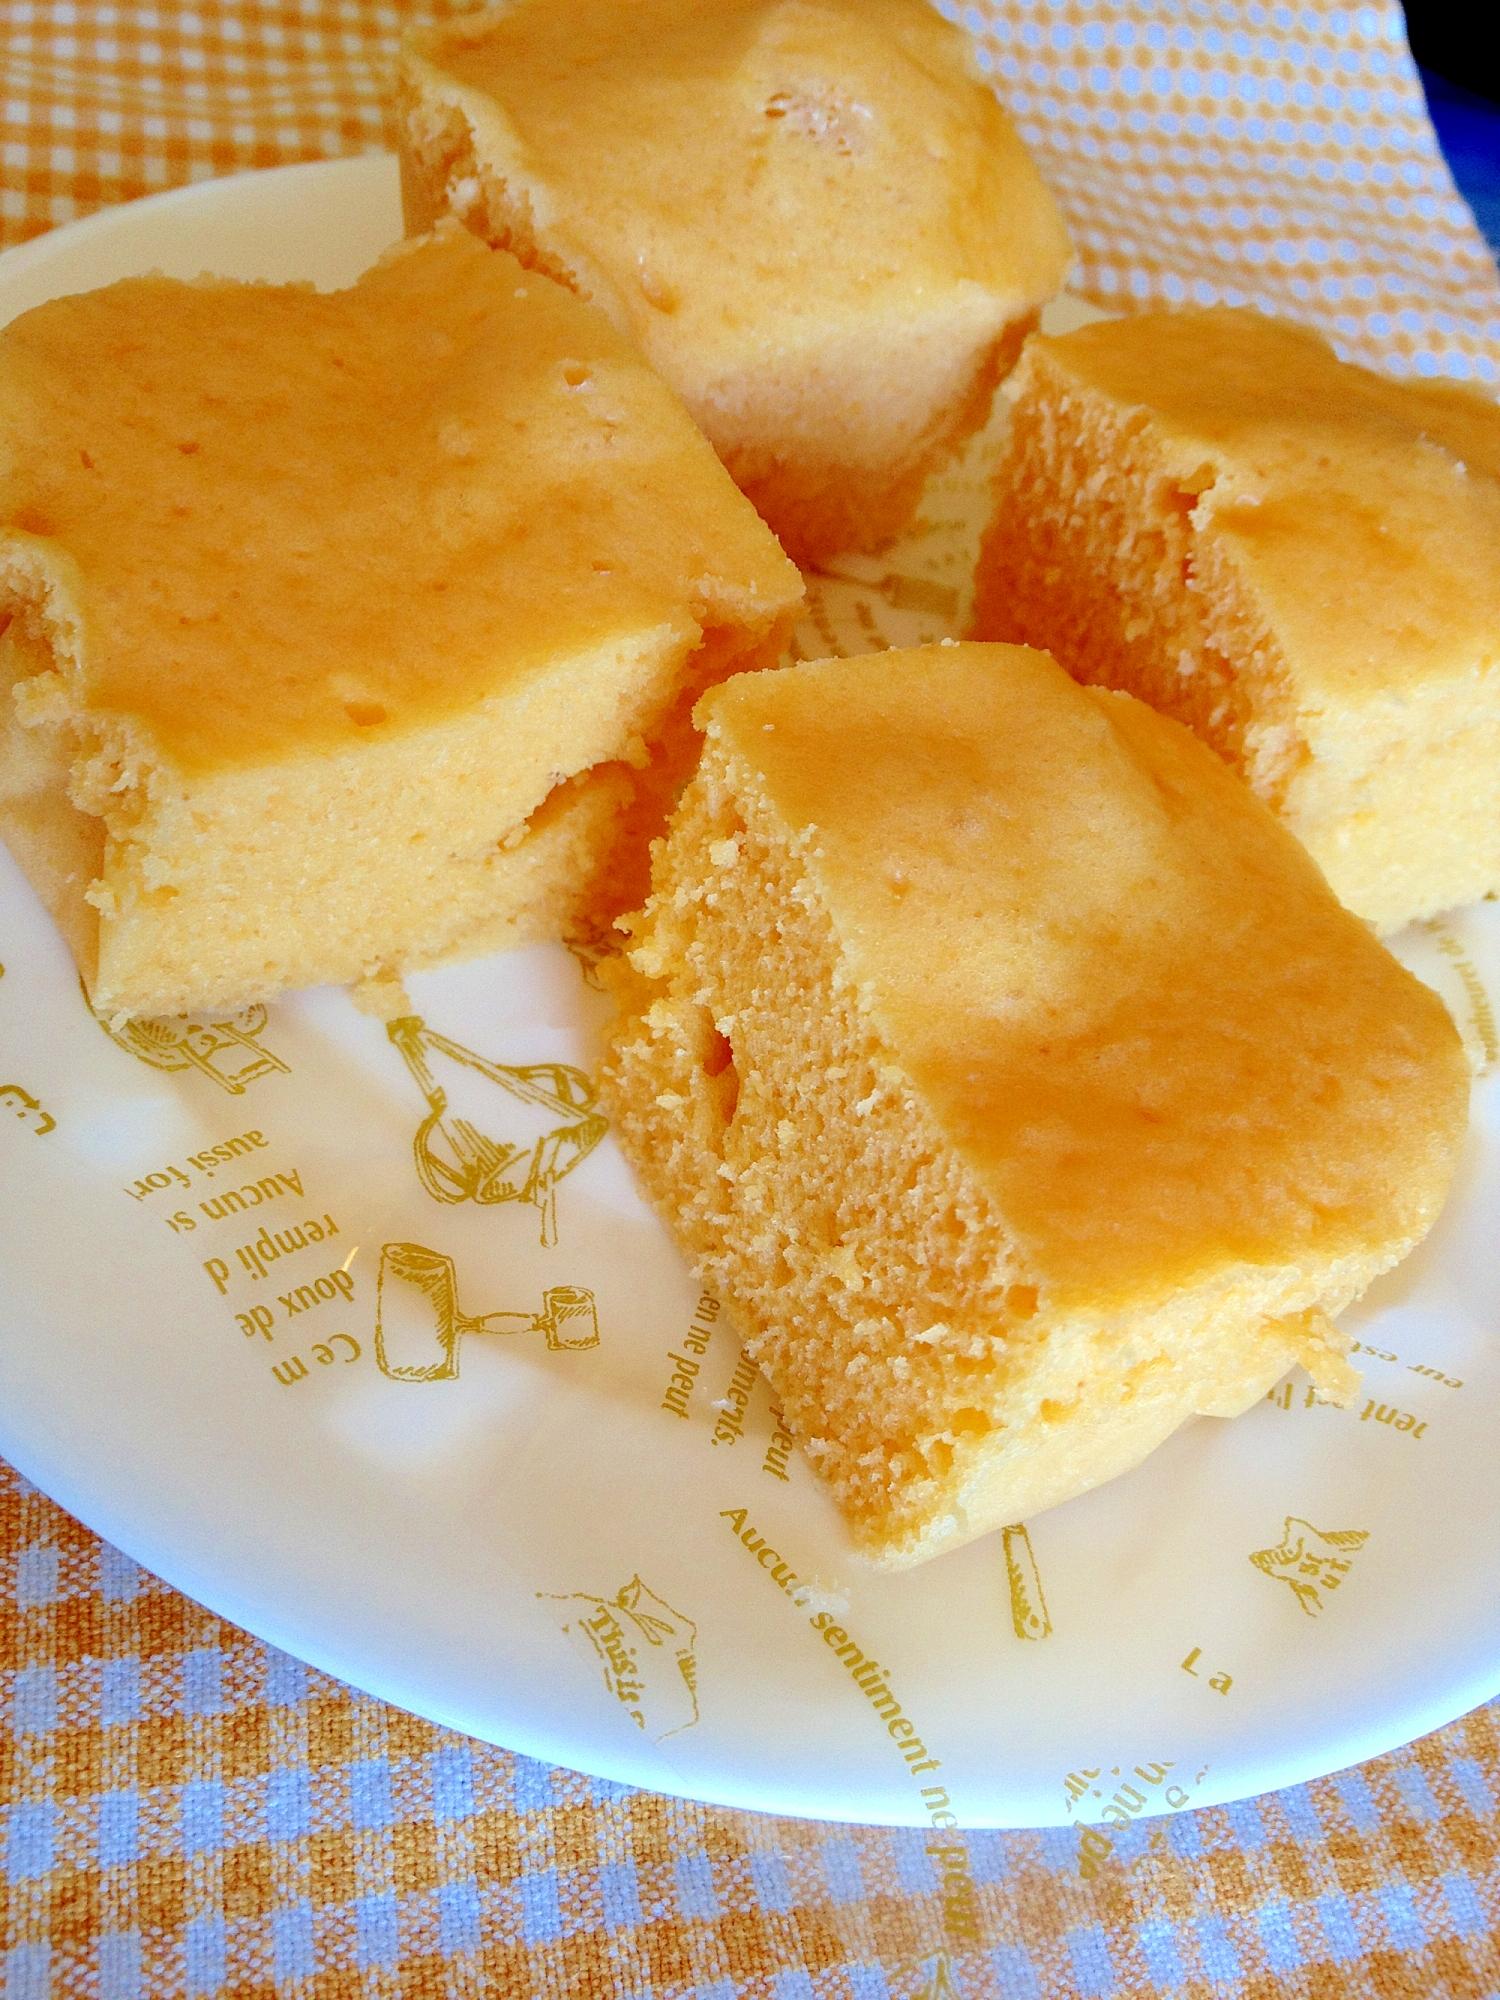 4. ふわふわ野菜ジュース蒸しパン